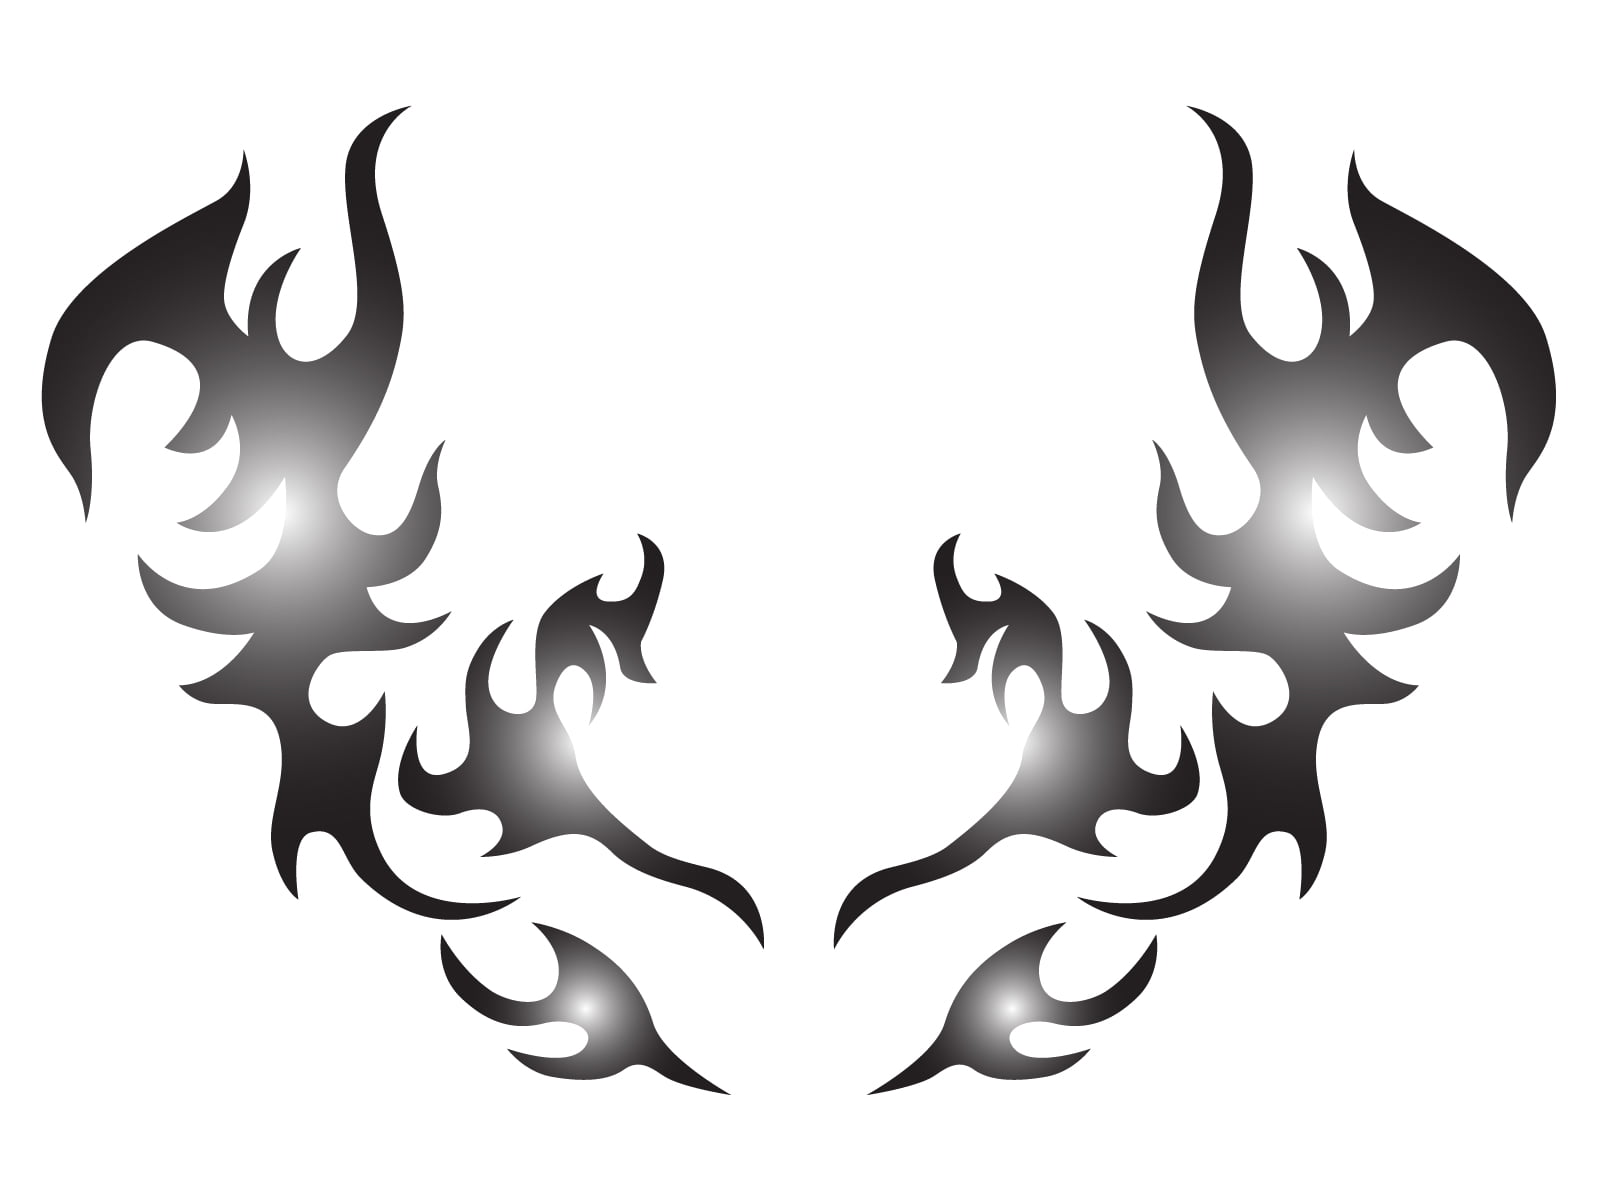 トライバルタトゥー(胸・背中)のデザイン